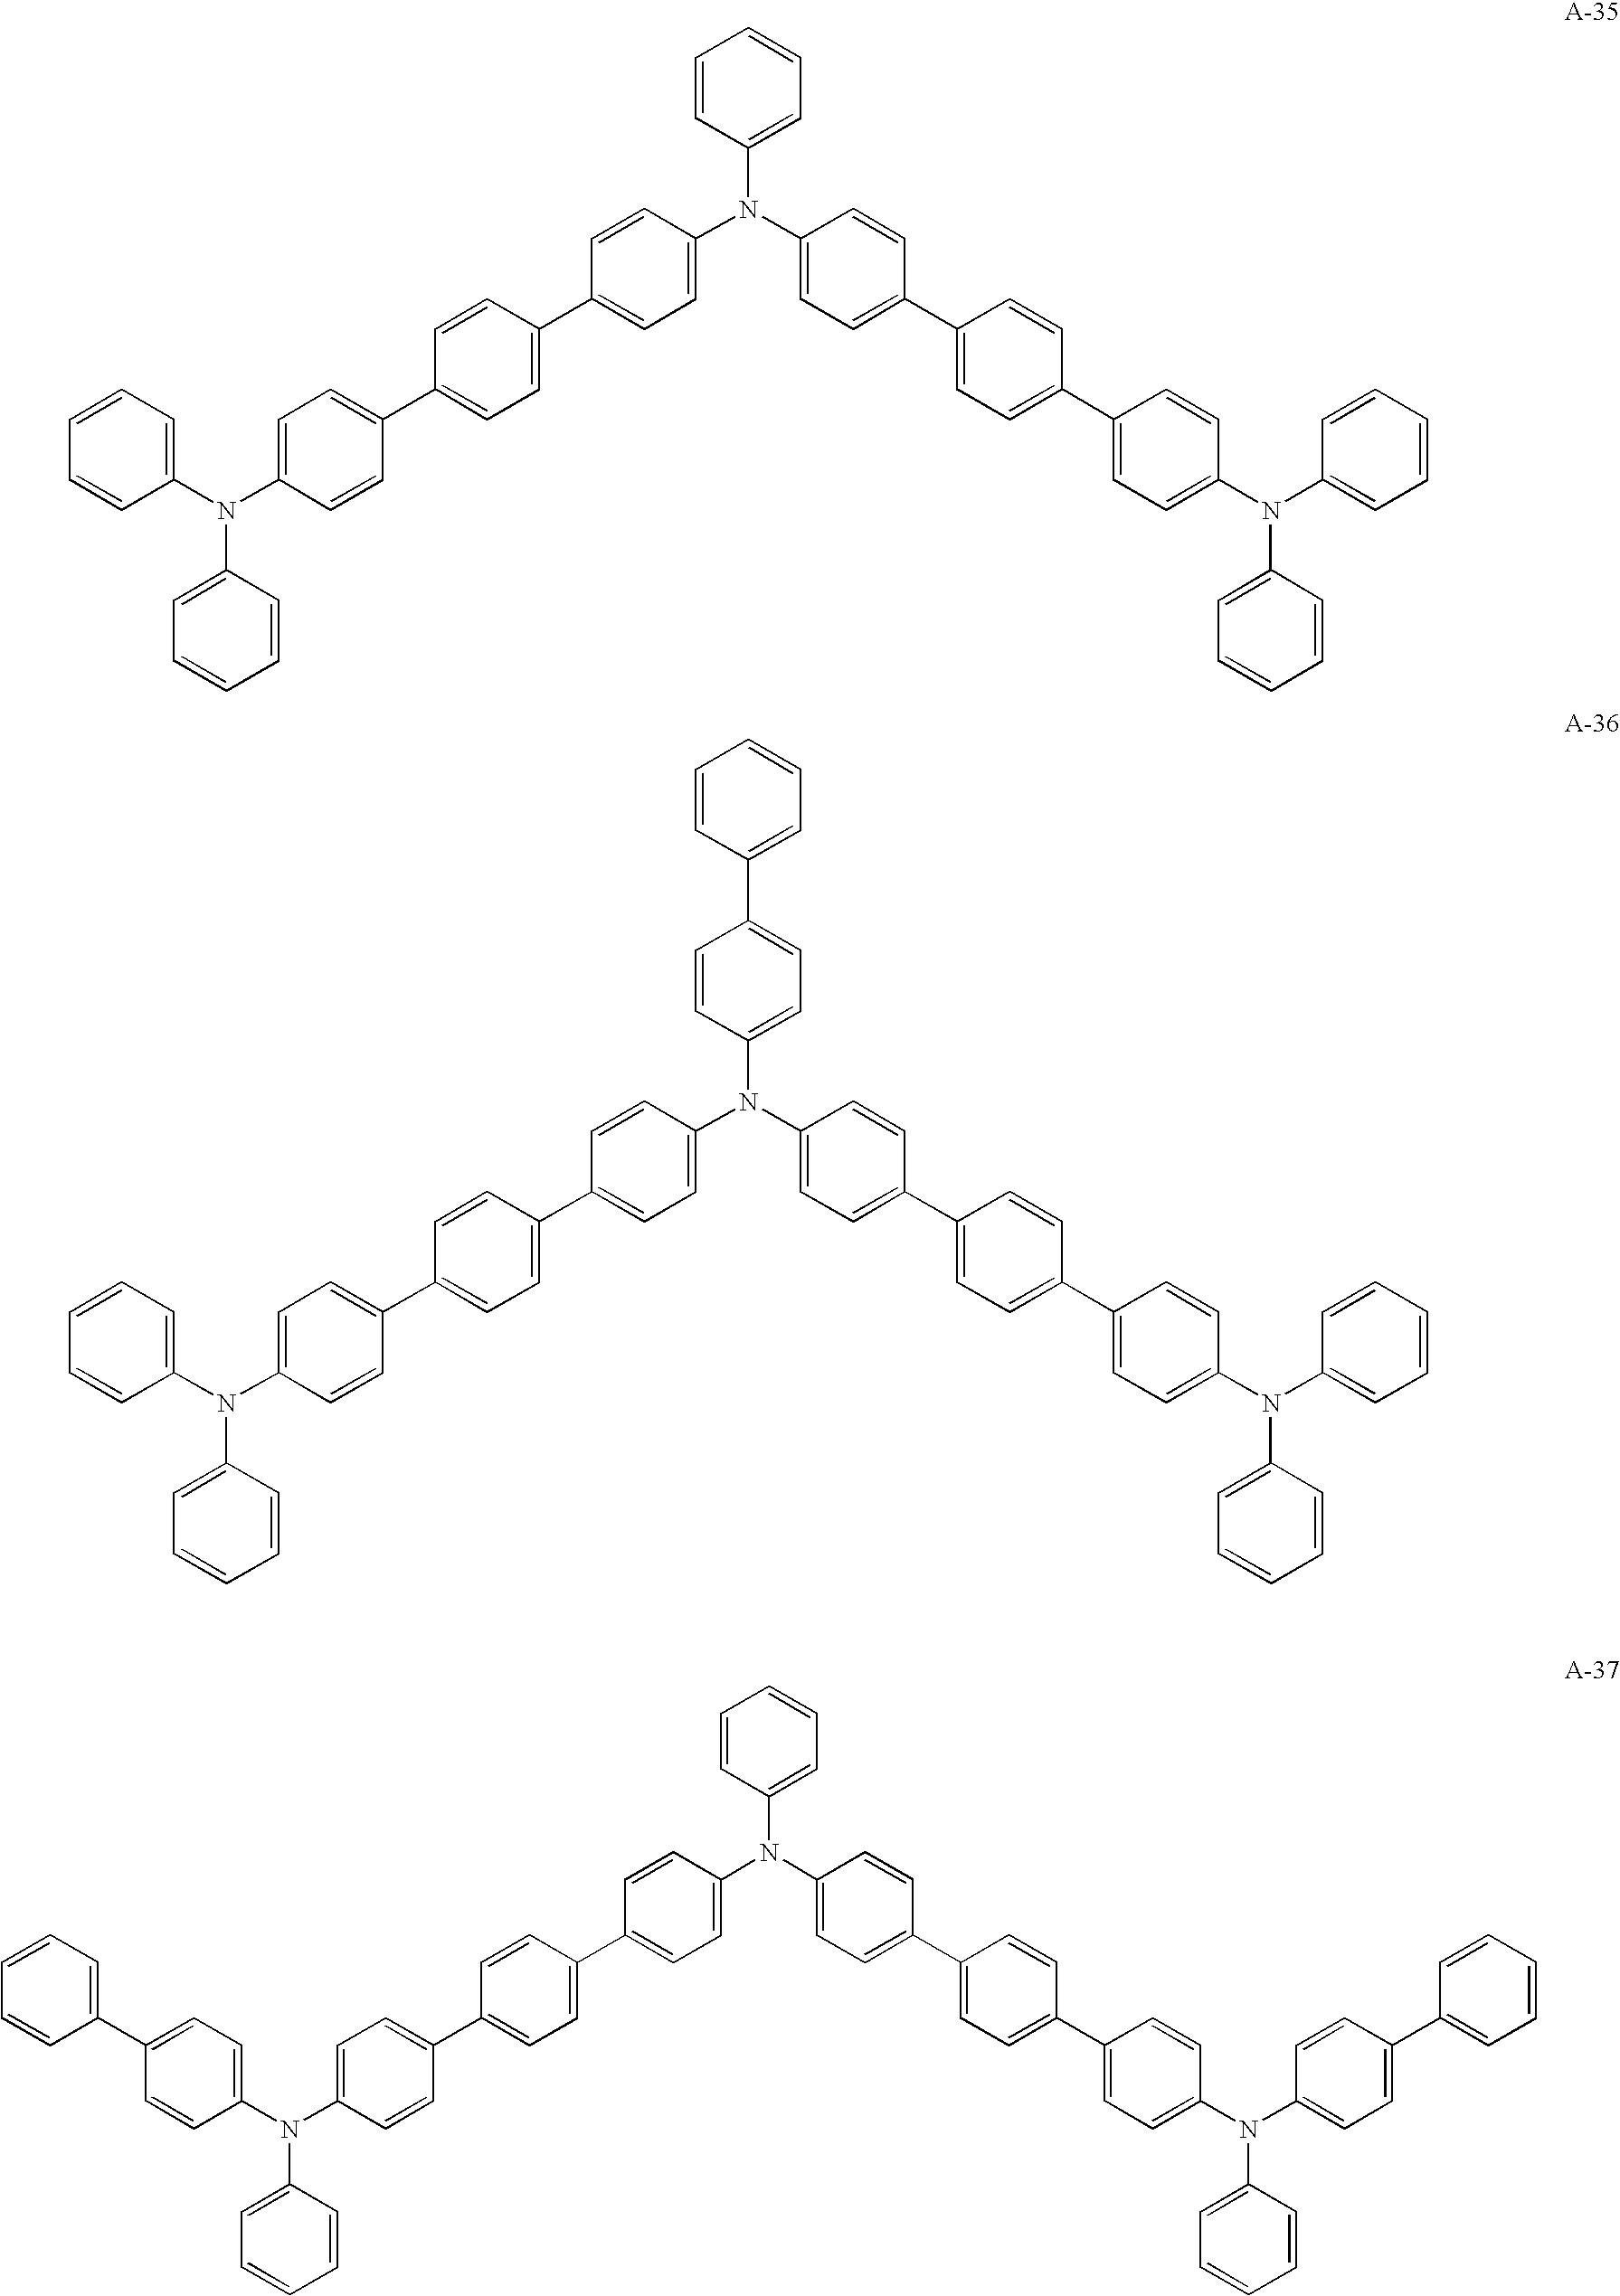 Figure US20080049413A1-20080228-C00018